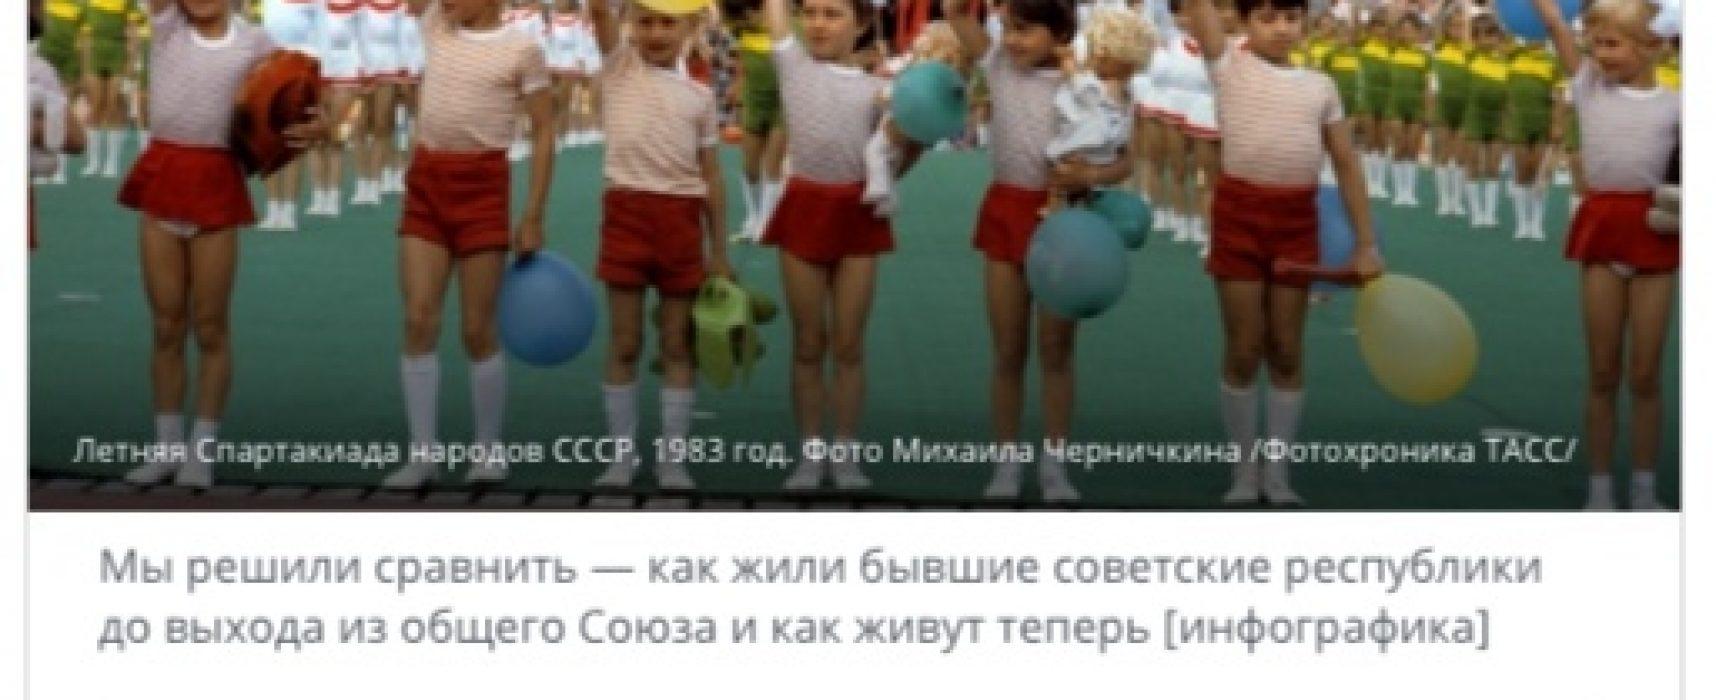 Фейк: Кто кого «кормил» во время СССР и как восстановился после распада Союза